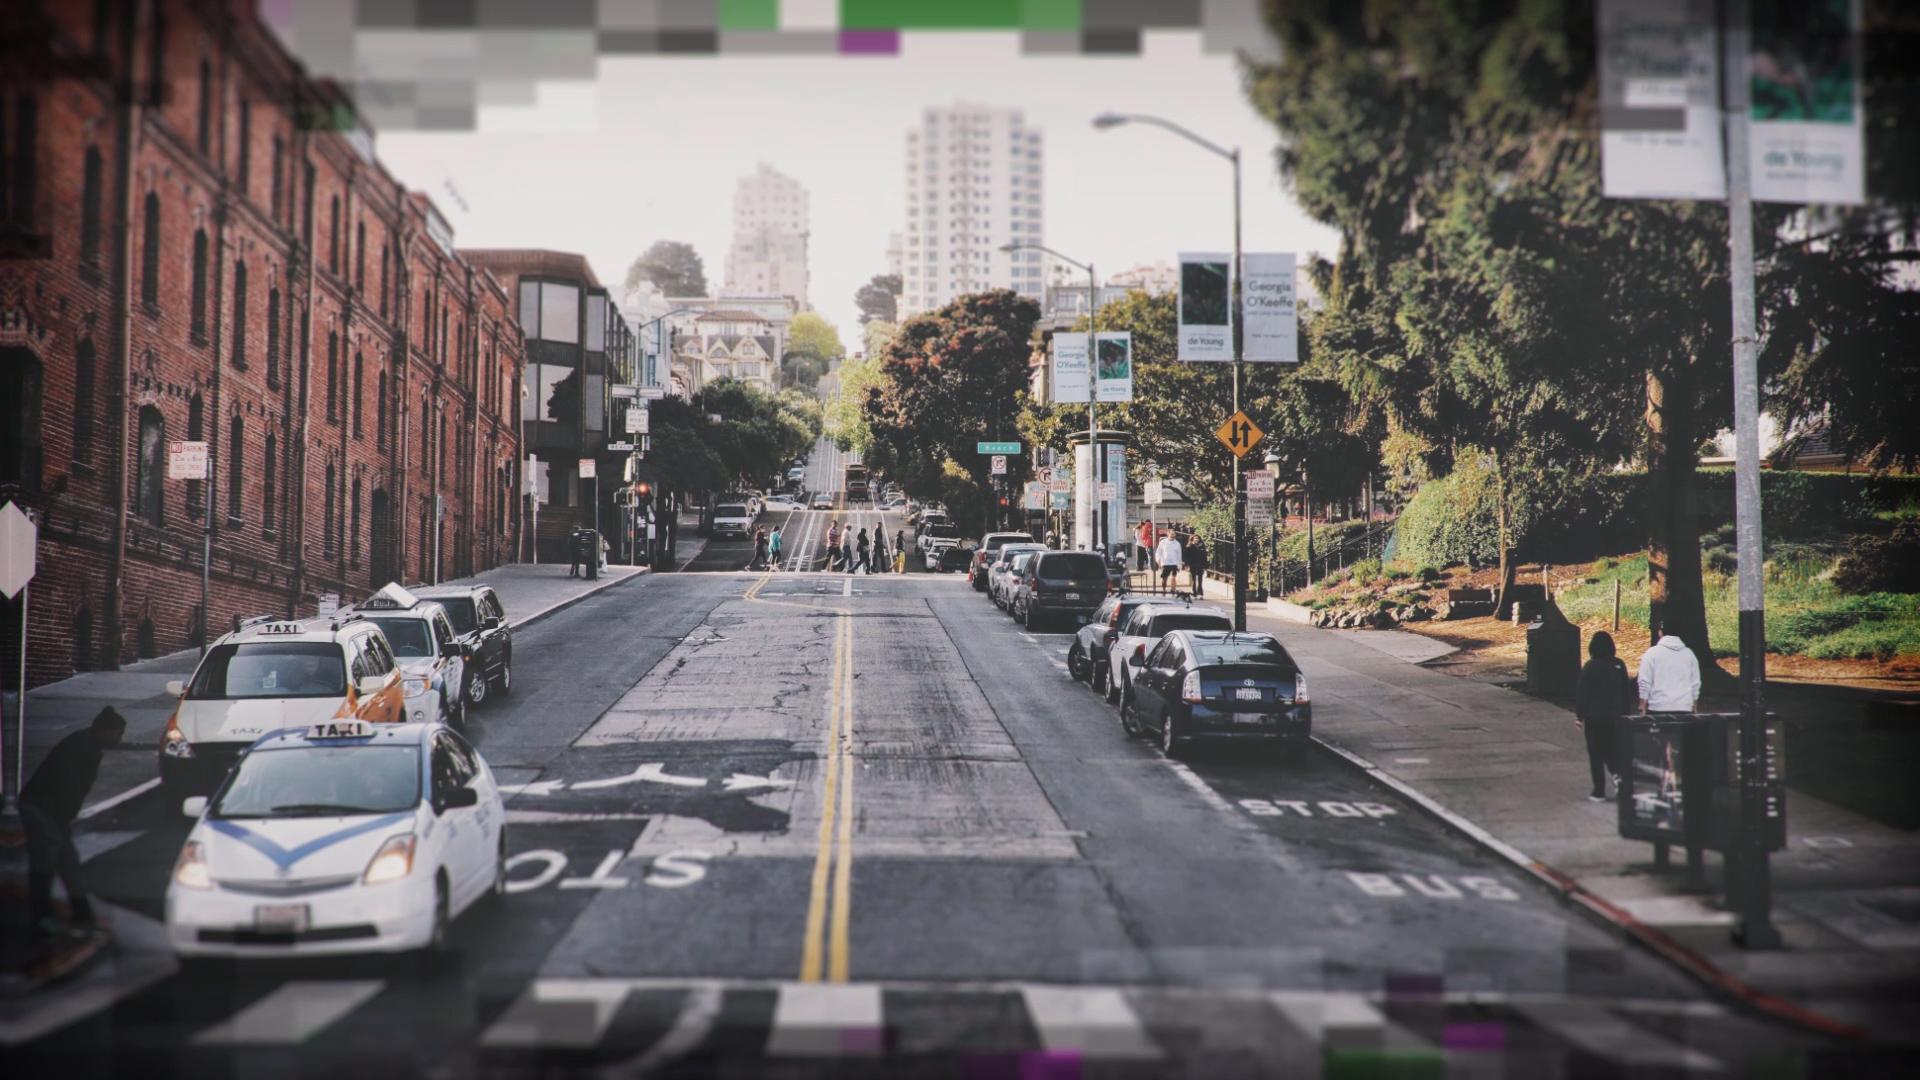 Glitch Pixels